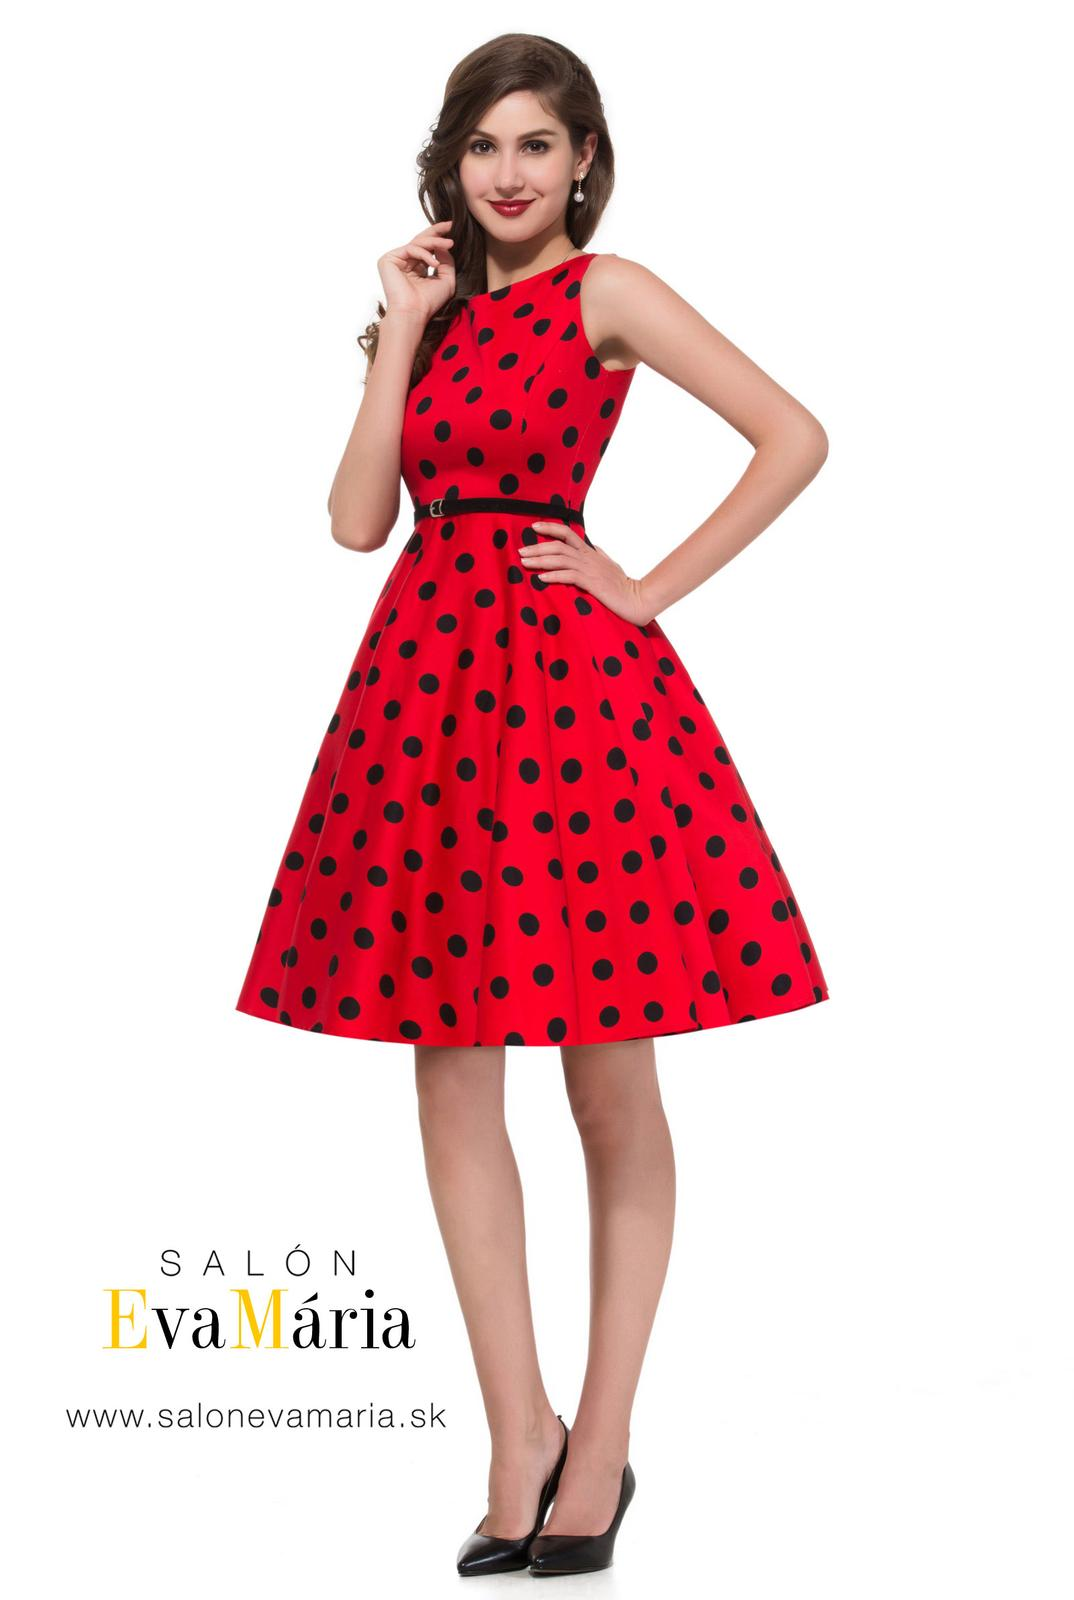 Retro šaty - Prekrásne červené retro šaty s čiernymi guličkami SKLADOM: http://salonevamaria.sk/index.php?id_category=27&controller=category NA OBJEDNÁVKU: http://salonevamaria.sk/index.php?id_category=10&controller=category